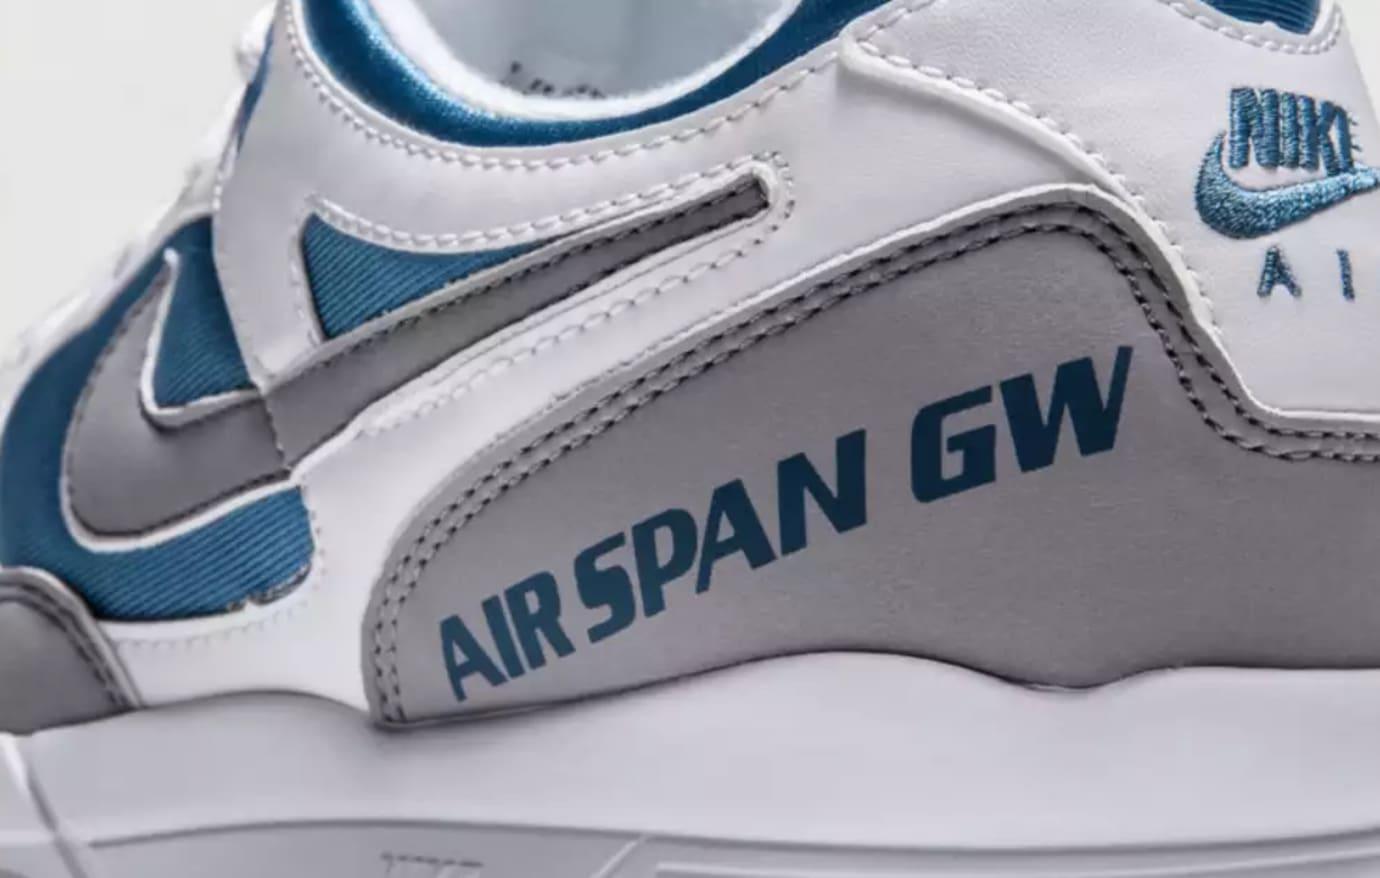 Nike Air Span 2 GW Gary Warnett